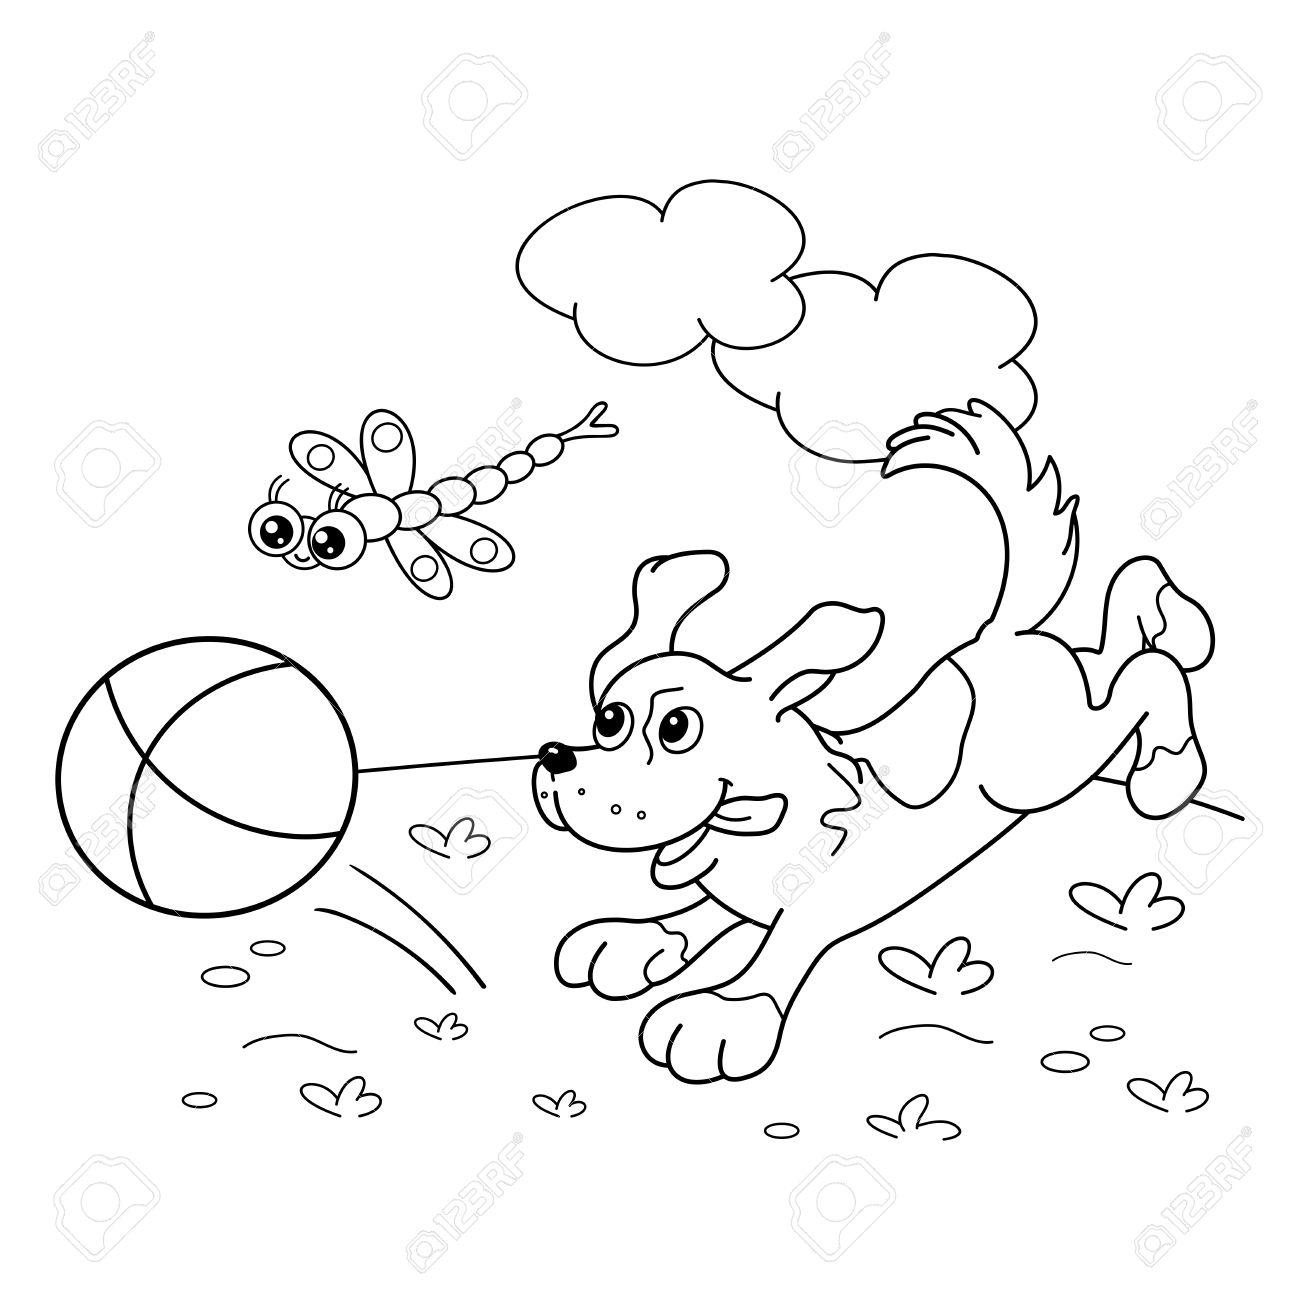 Página Para Colorear Esquema De Perro De Dibujos Animados Con La